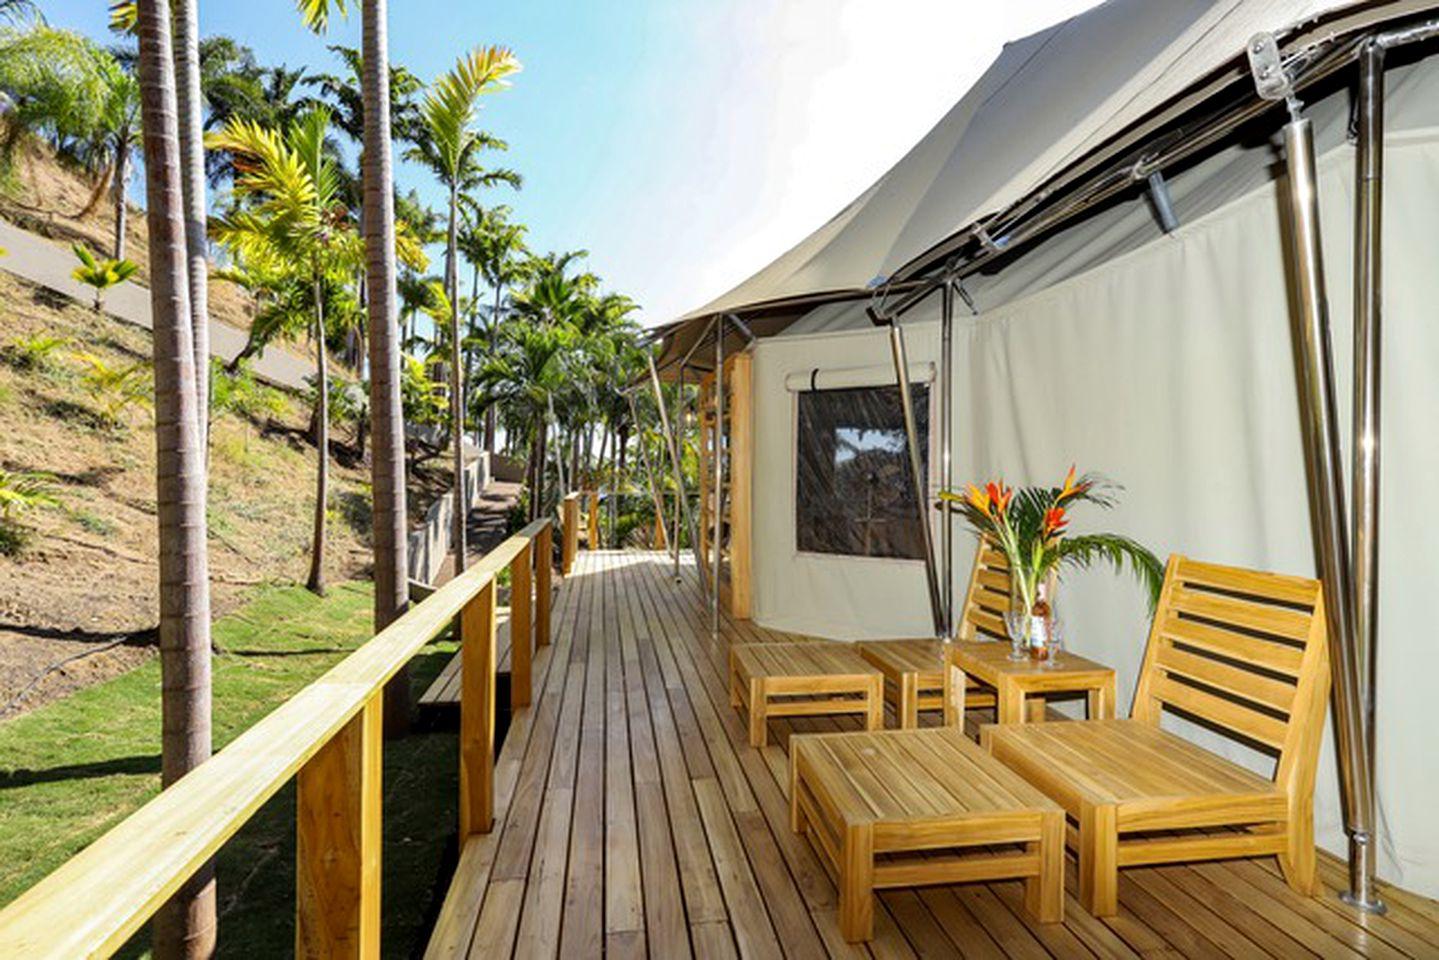 Tropical Tents